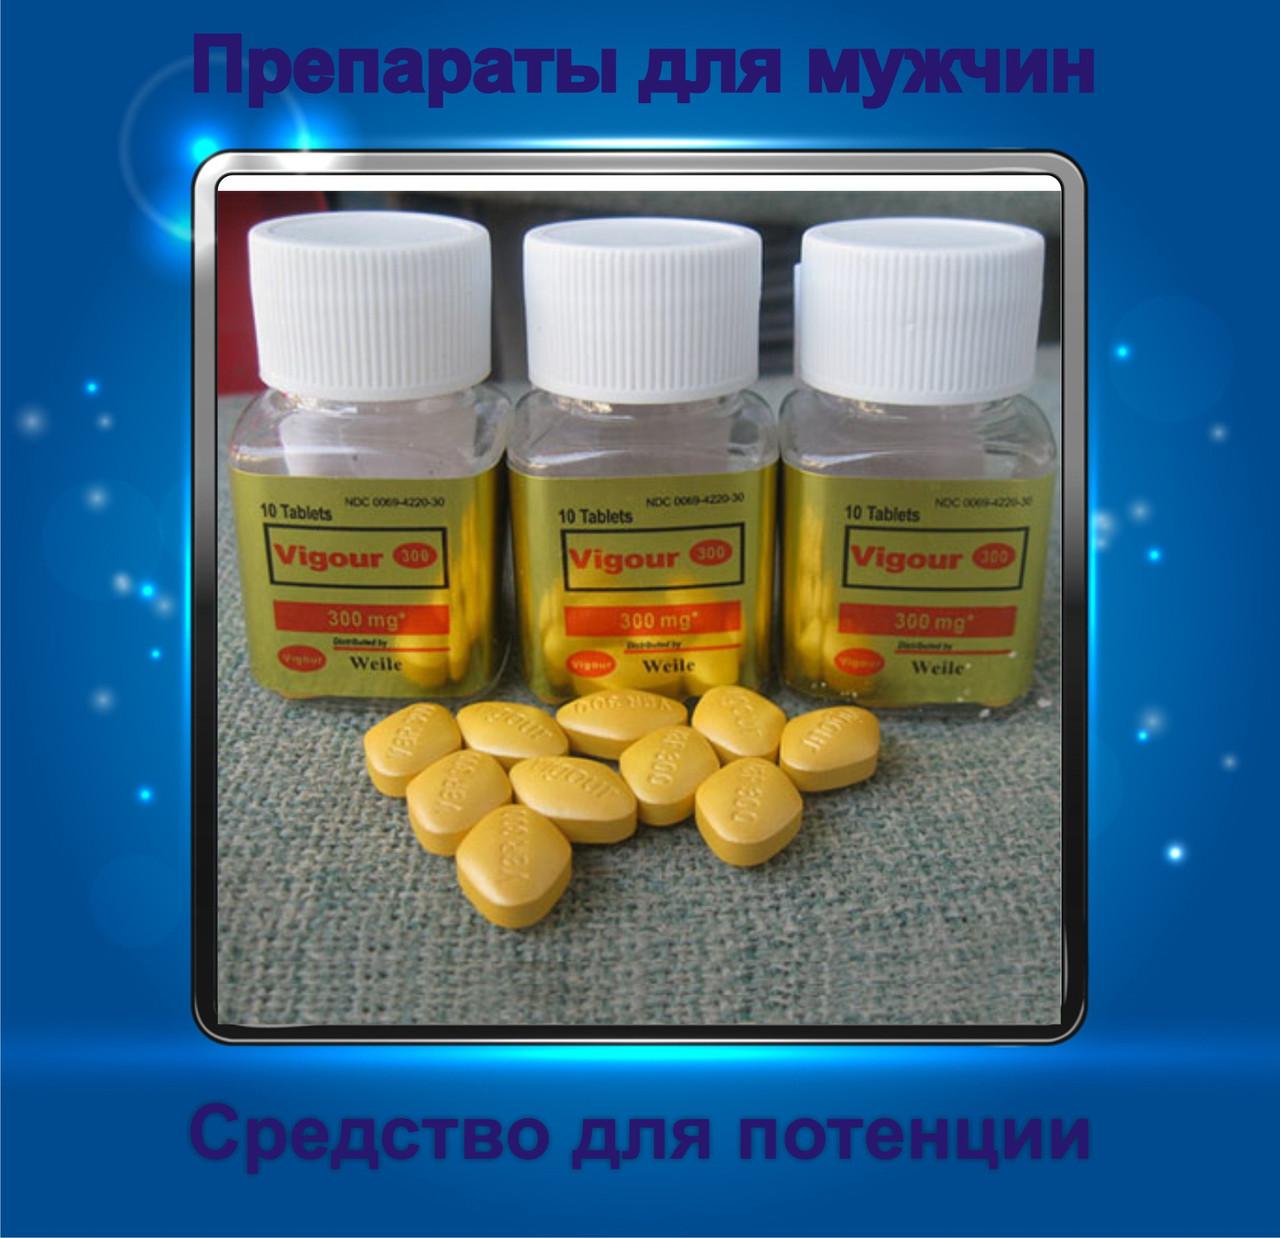 lekarstvenniy-preparat-dlya-podvizhnosti-spermatozoidov